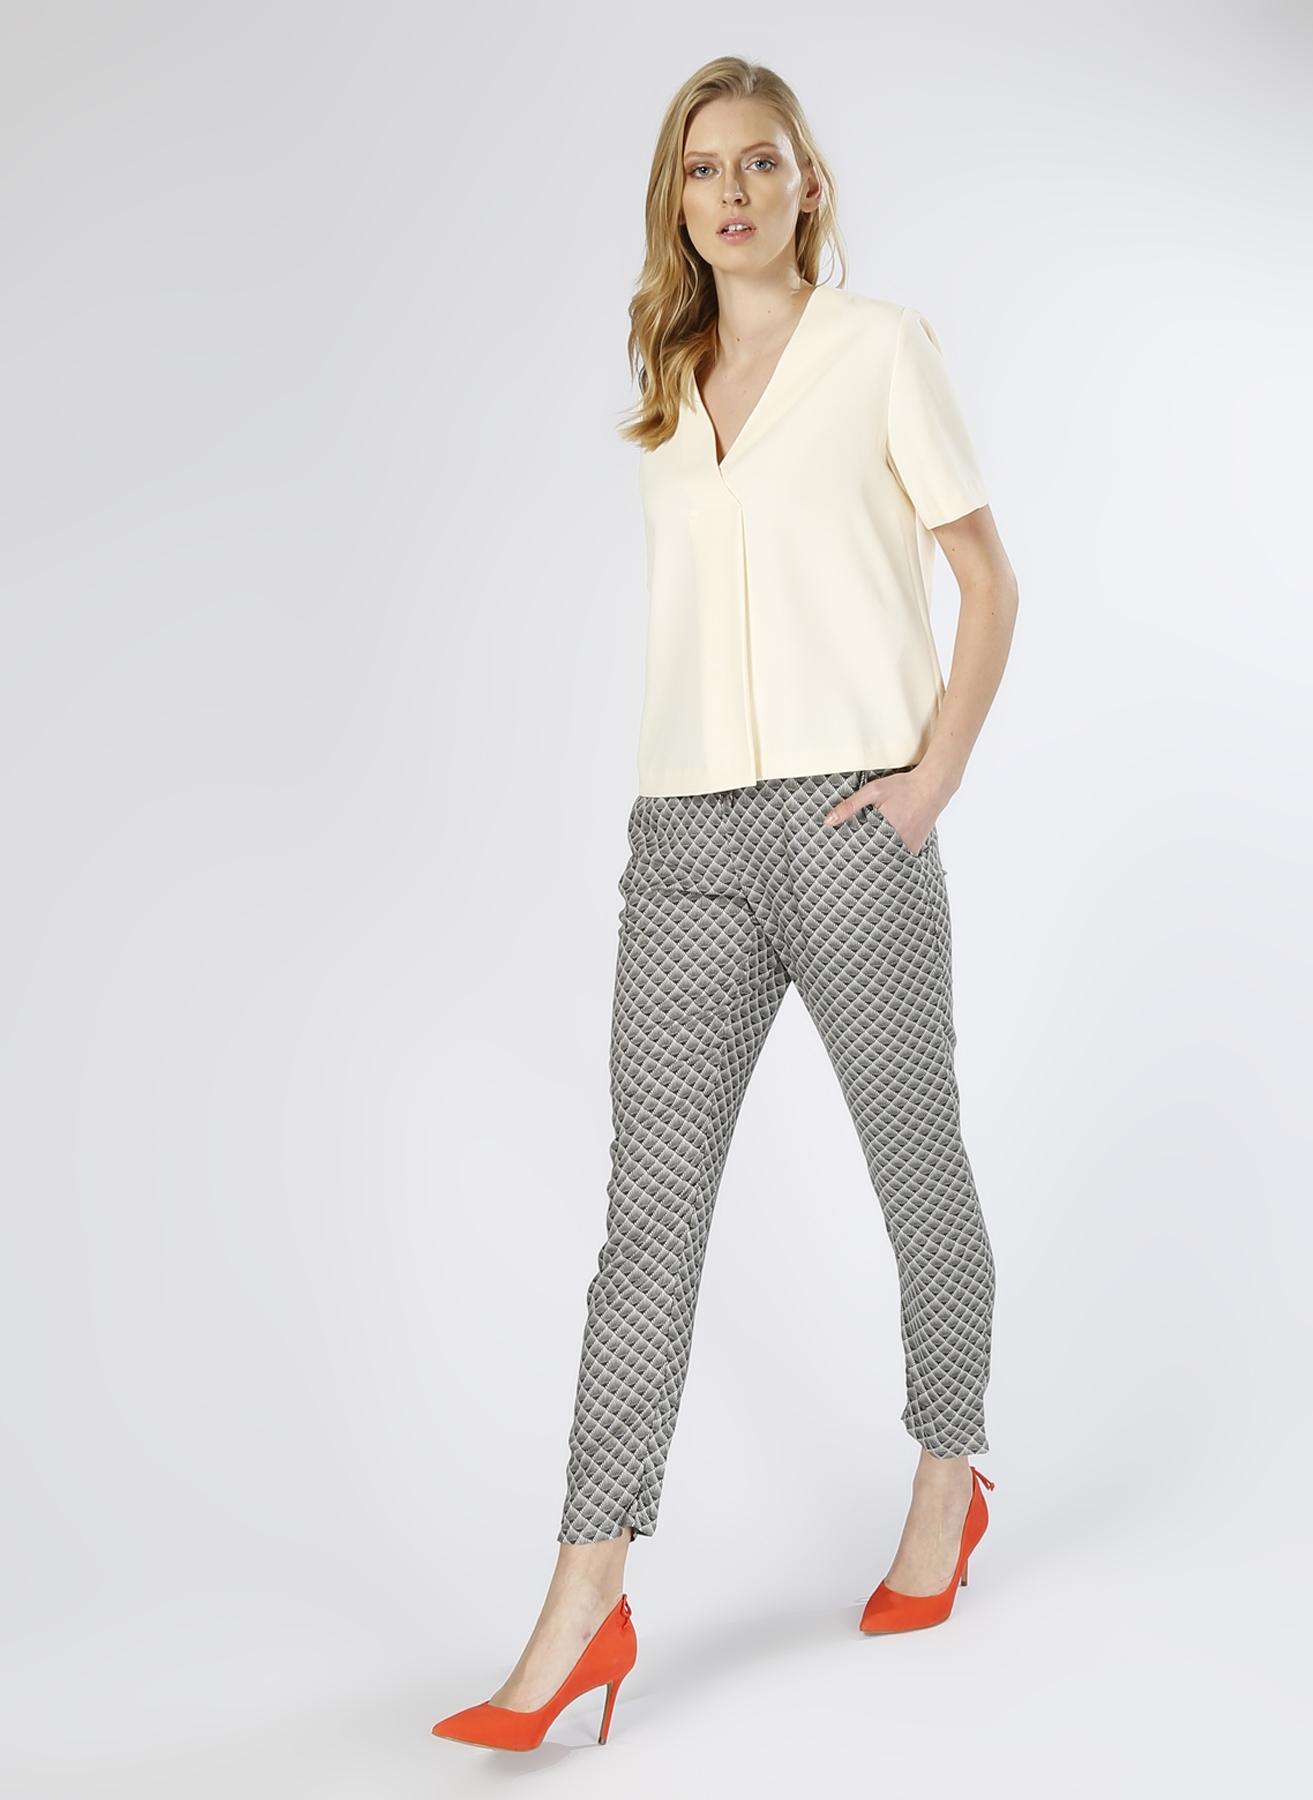 Vero Moda Desenli Siyah -Beyaz Pantolon XS 5000196072005 Ürün Resmi